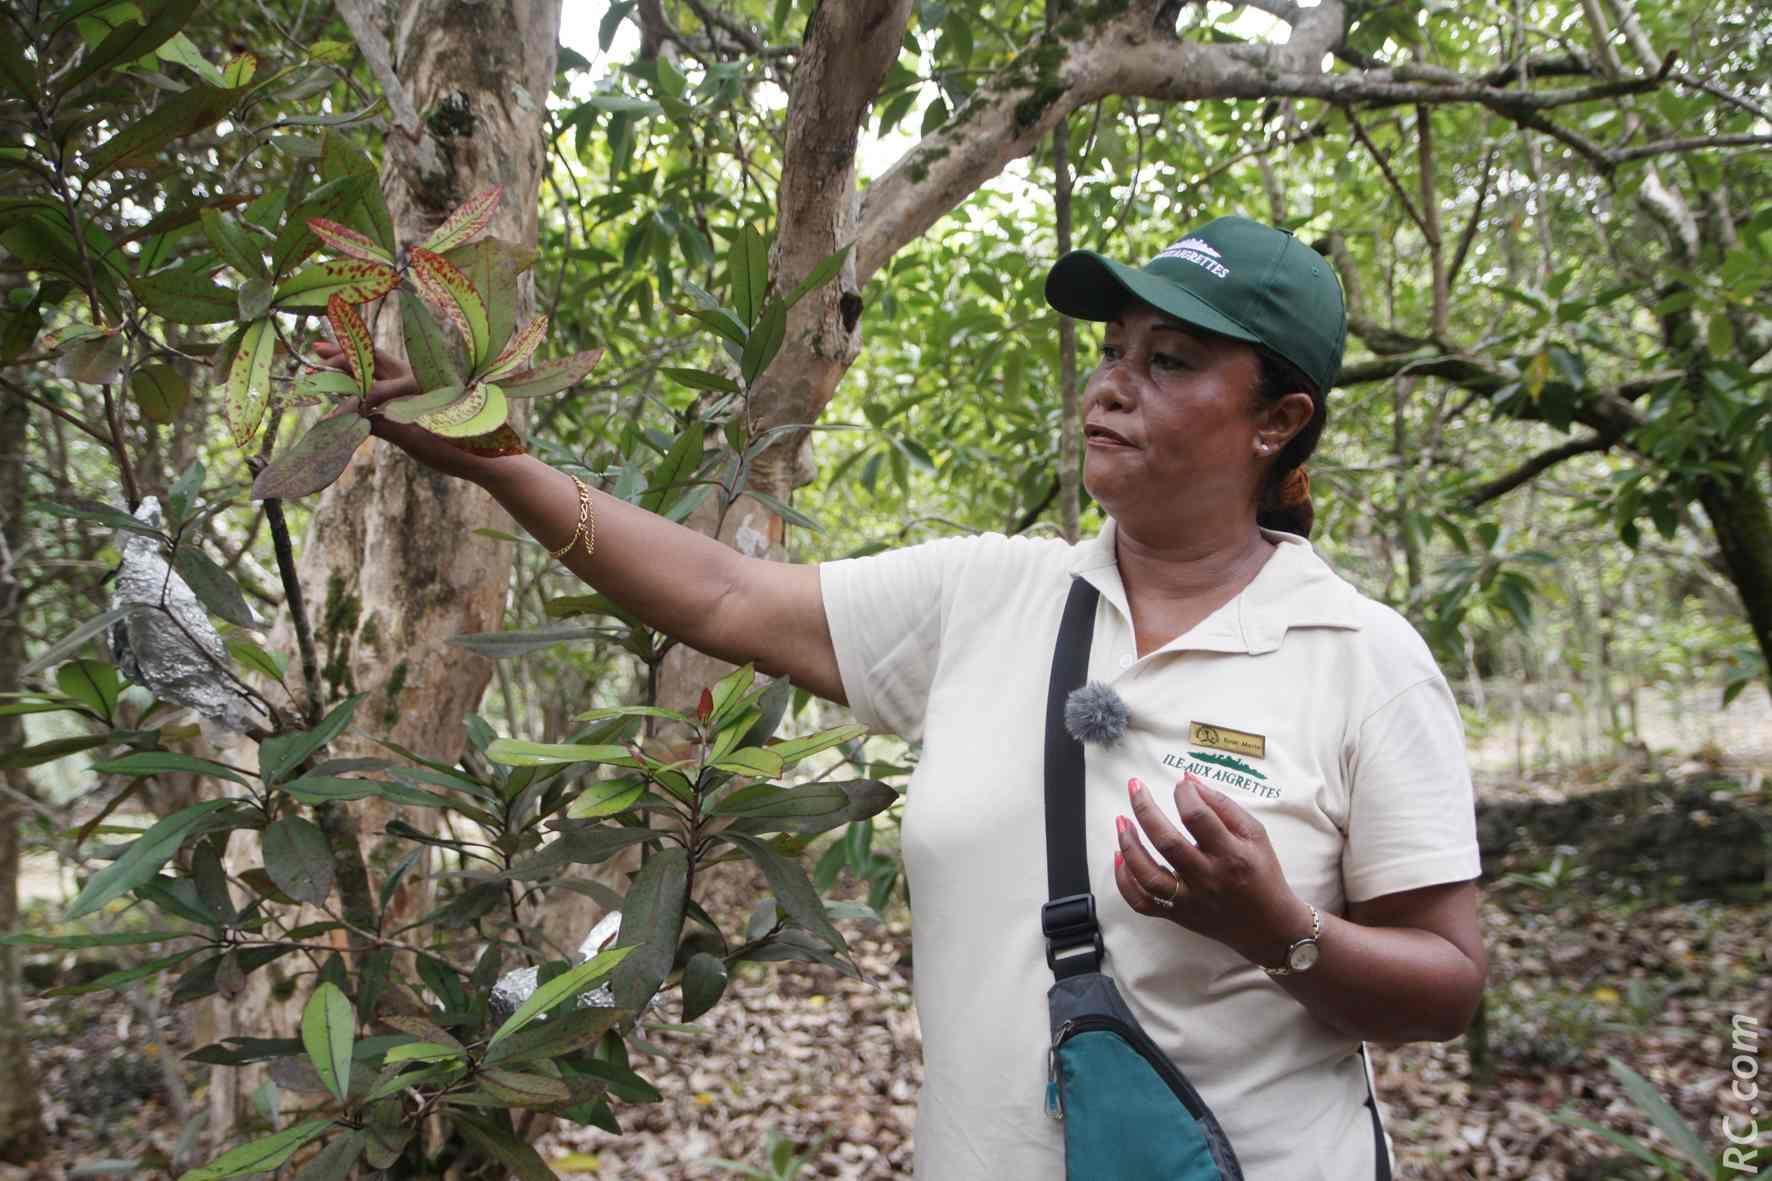 Une guide hors-pair et passionnée de la nature, en la personne de Rose-Marie, qui connaît l'île sous toutes ses facettes